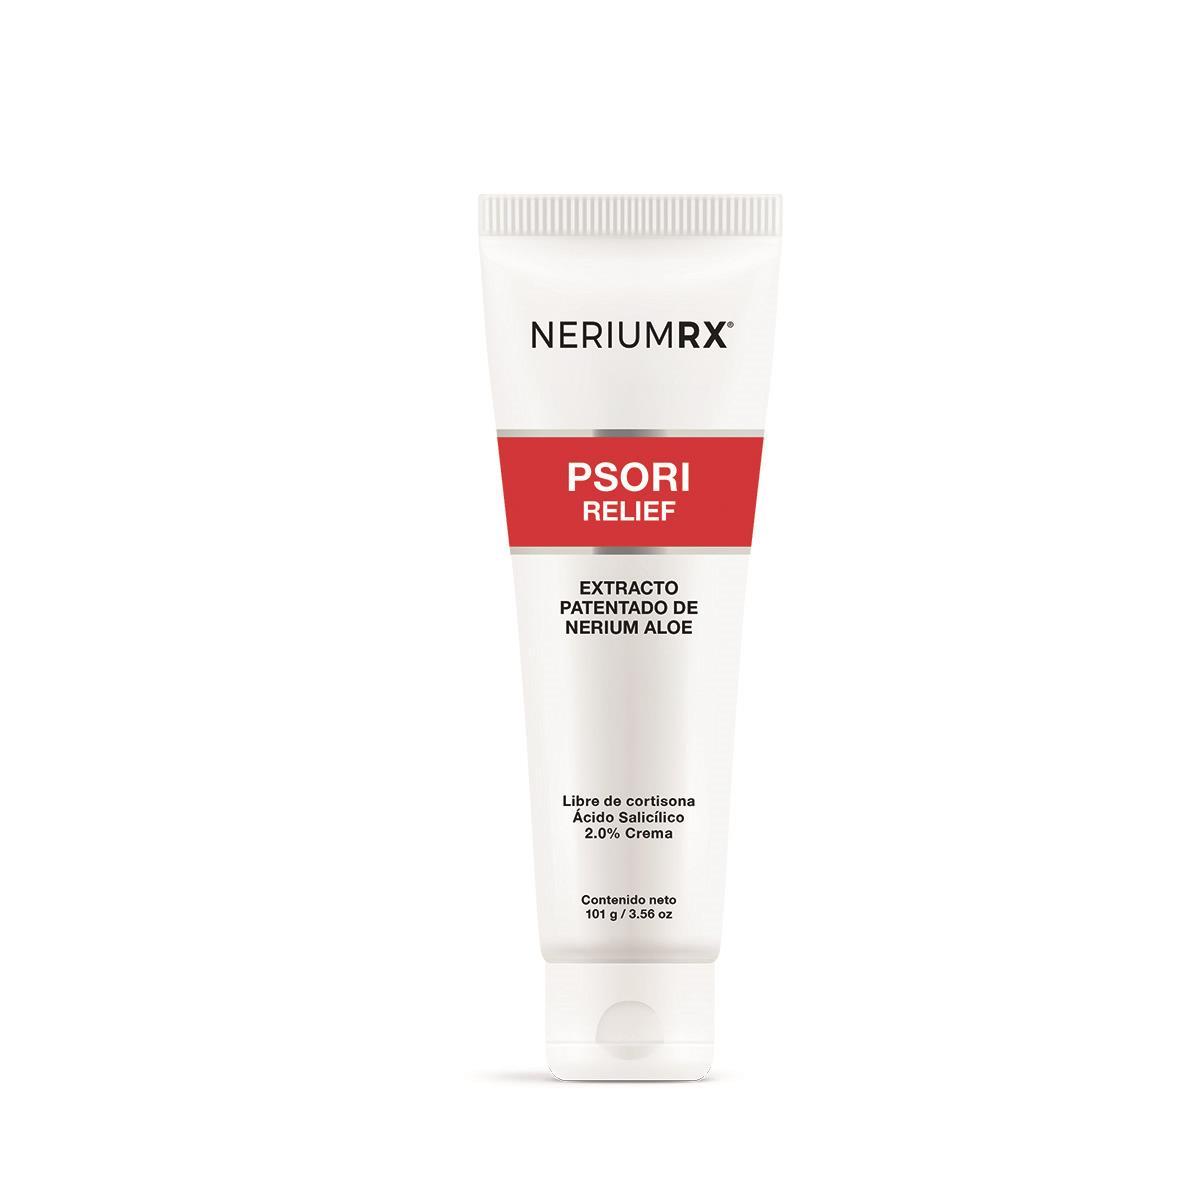 Nerium Rx Psori Relief 101G